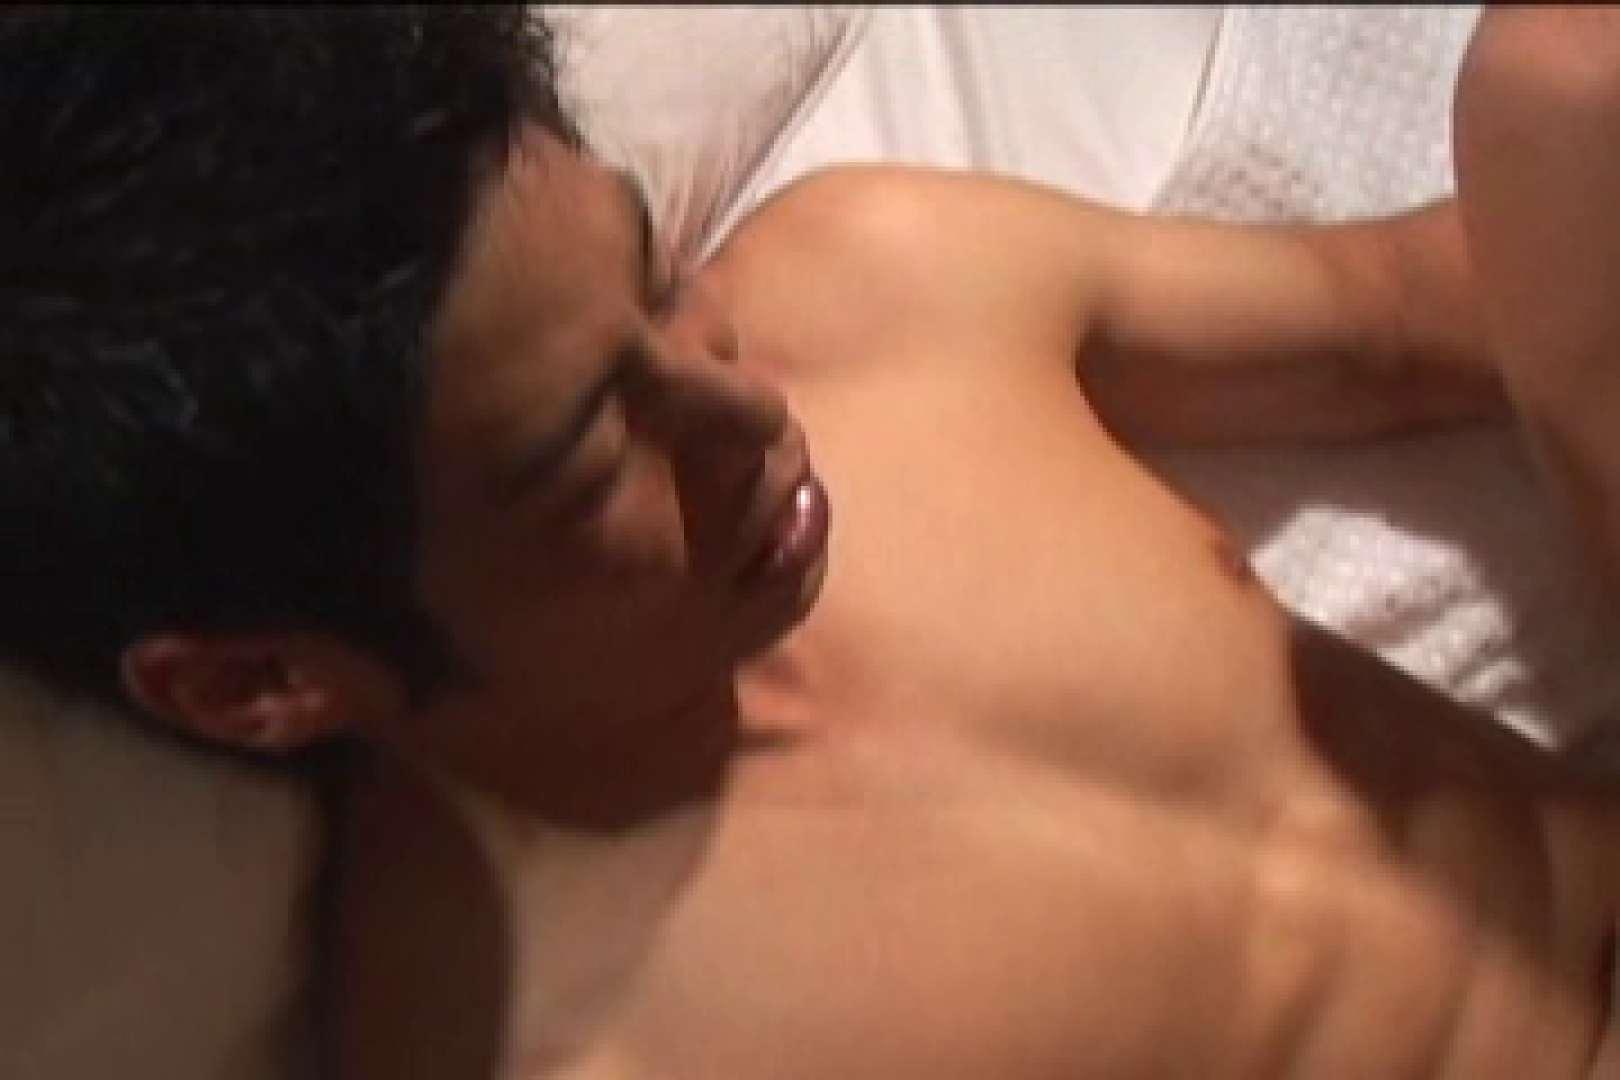 スポMENファック!!反り勃つ男根!!vol.9 ゲイの裸 ゲイセックス画像 62枚 44